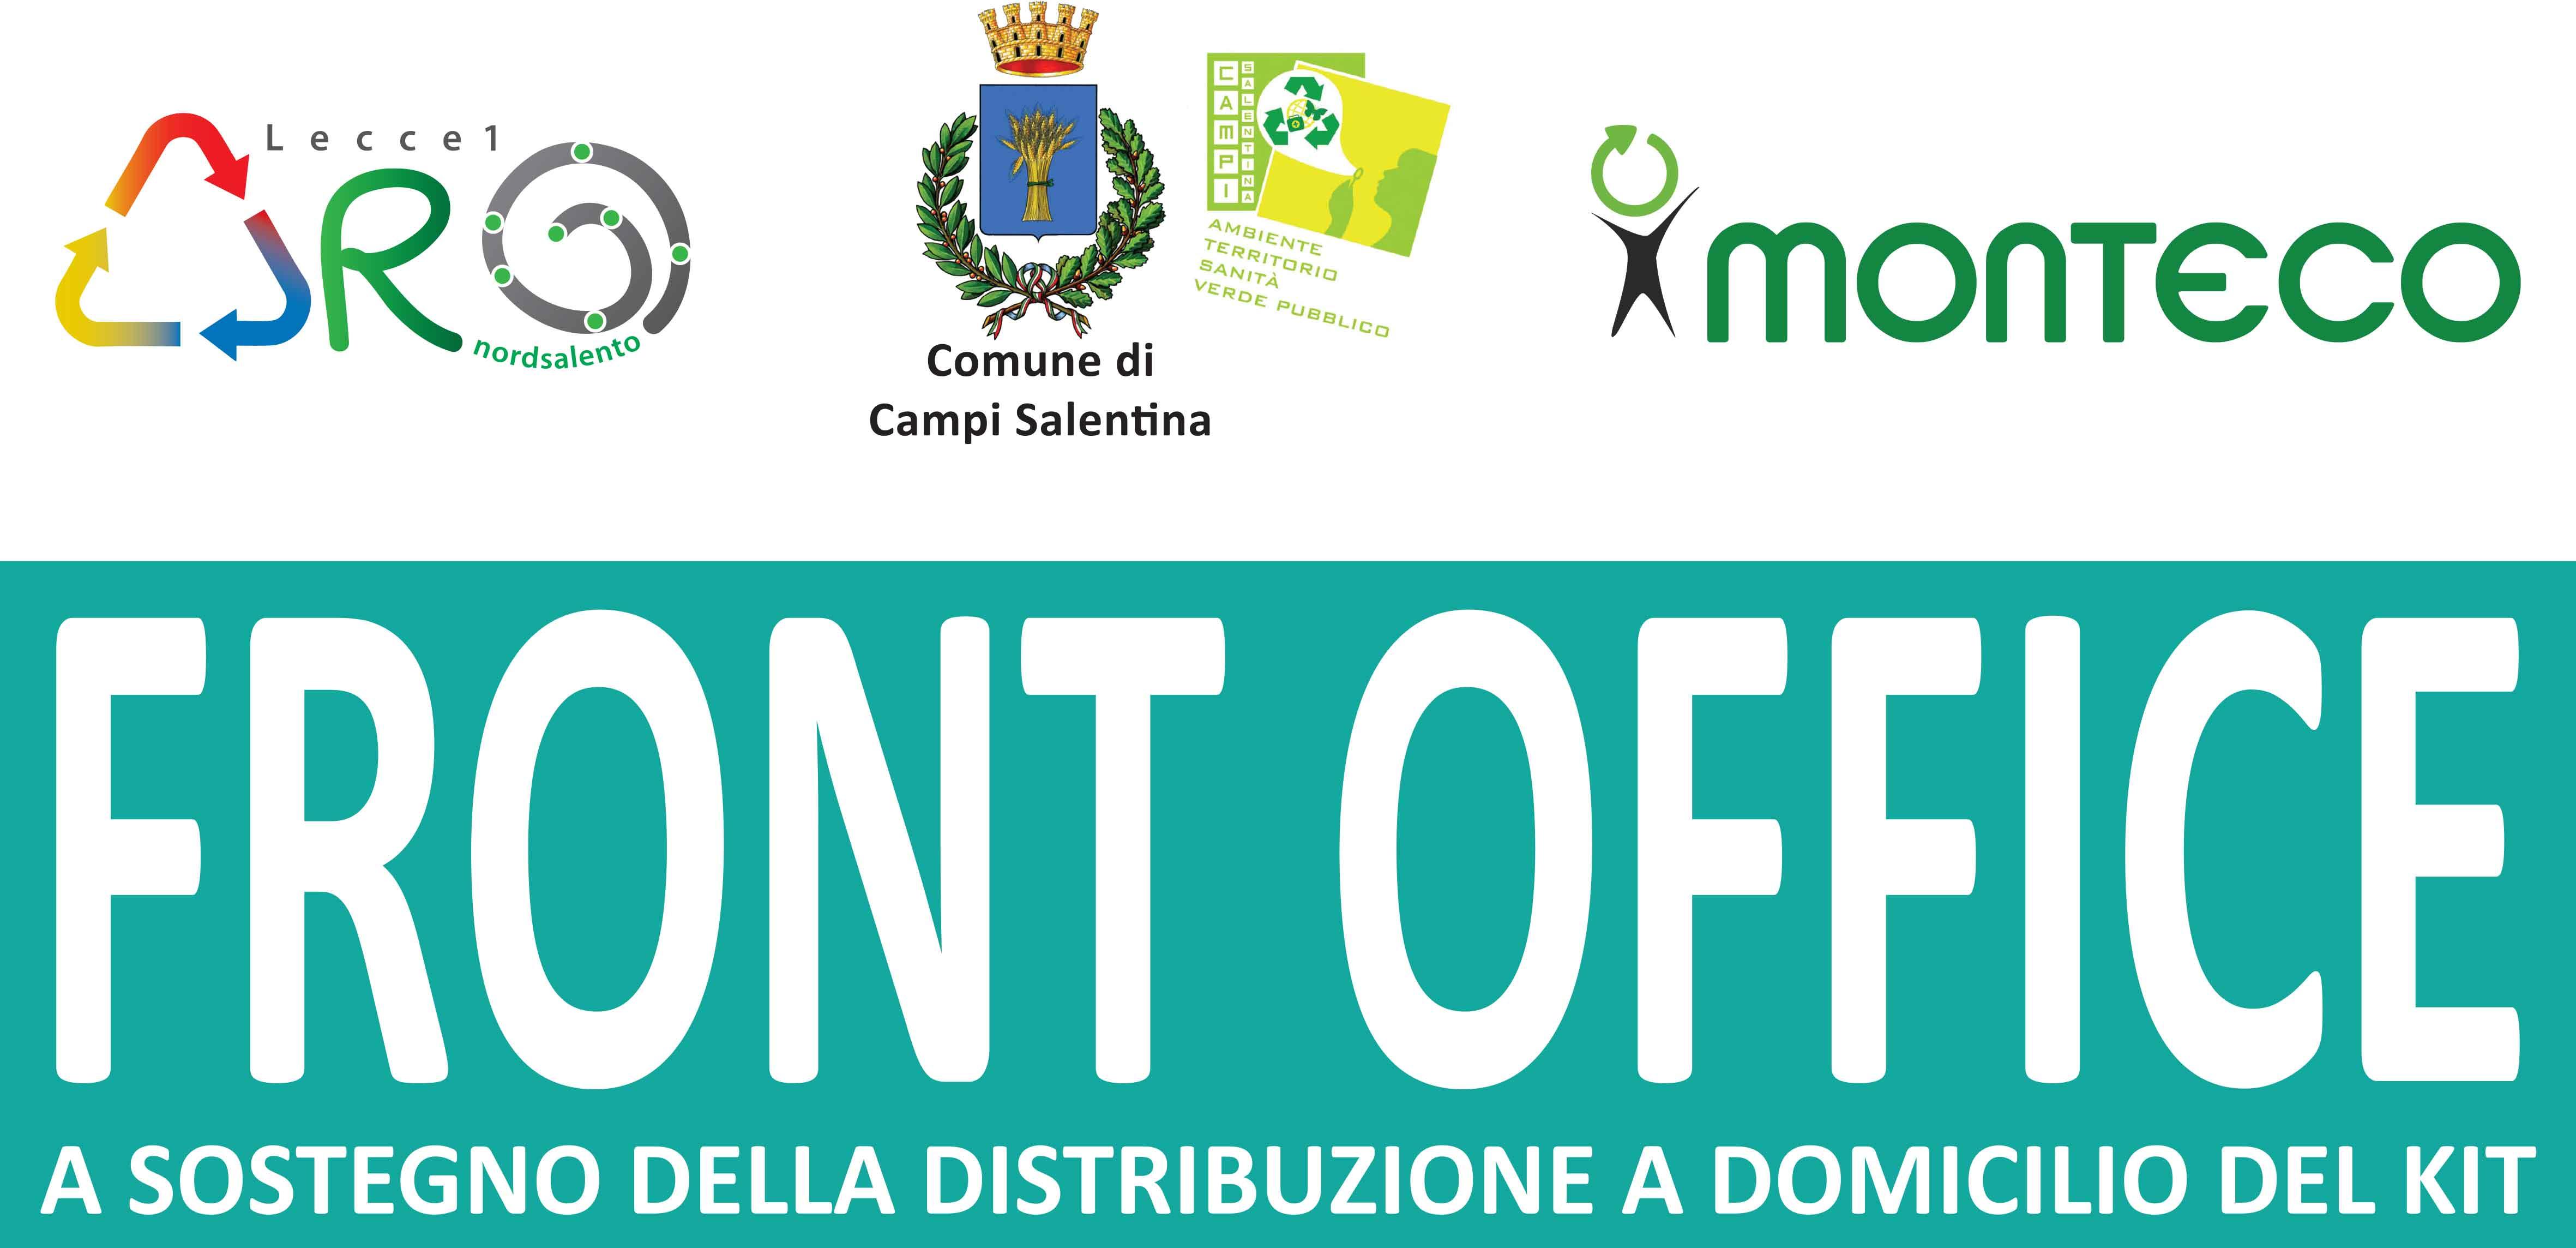 Campi Salentina. Apre il Front Office a sostegno della distribuzione a domicilio del kit